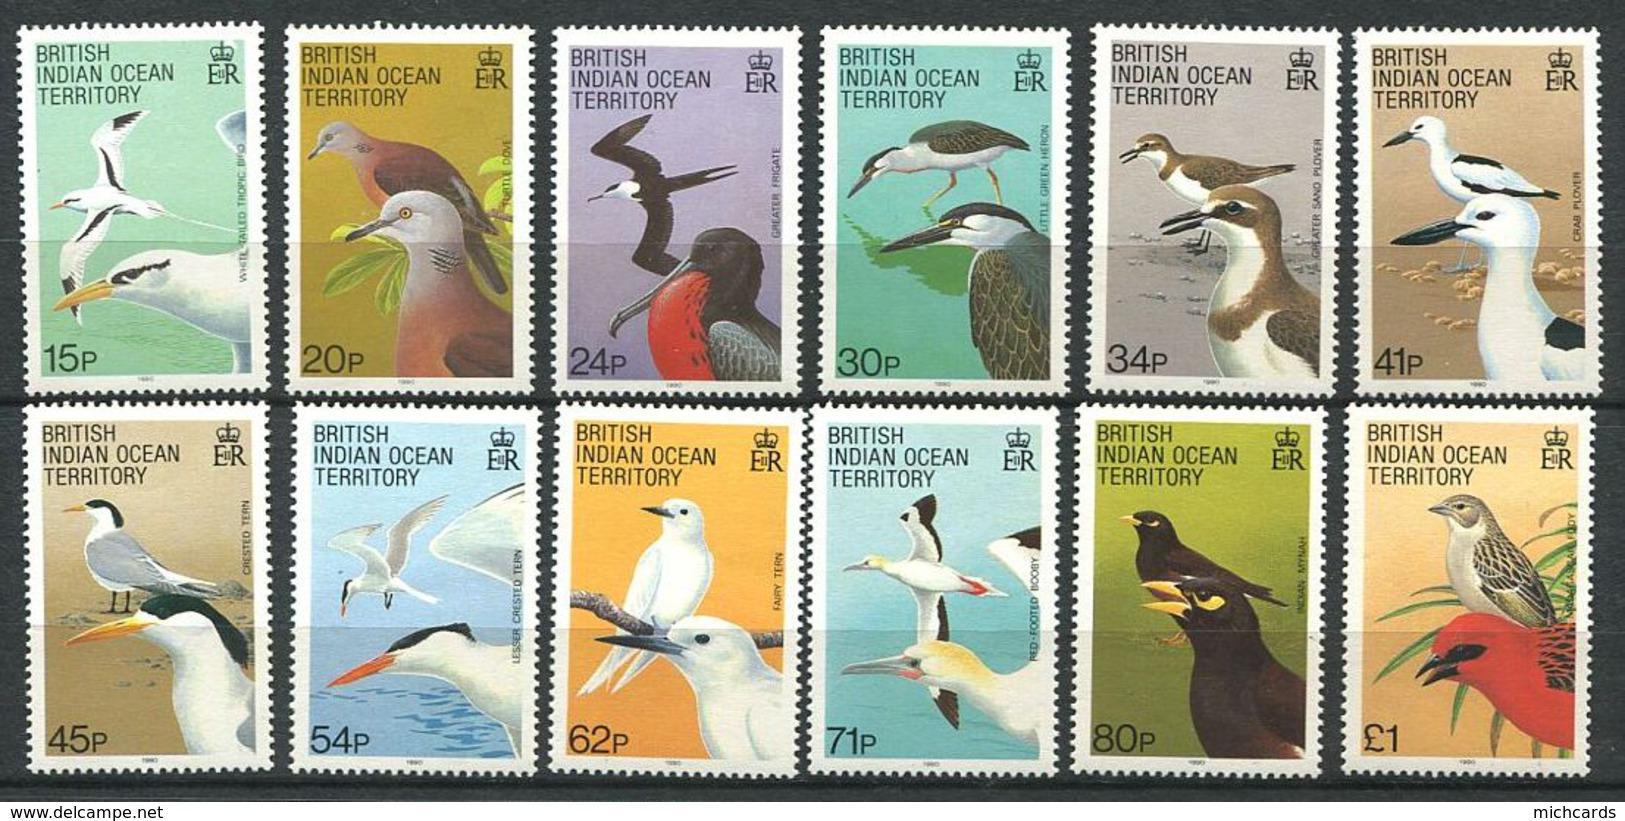 165 OCEAN INDIEN 1990 - Yvert 94/105 - Oiseau - Neuf ** (MNH) Sans Trace De Charniere - Territoire Britannique De L'Océan Indien